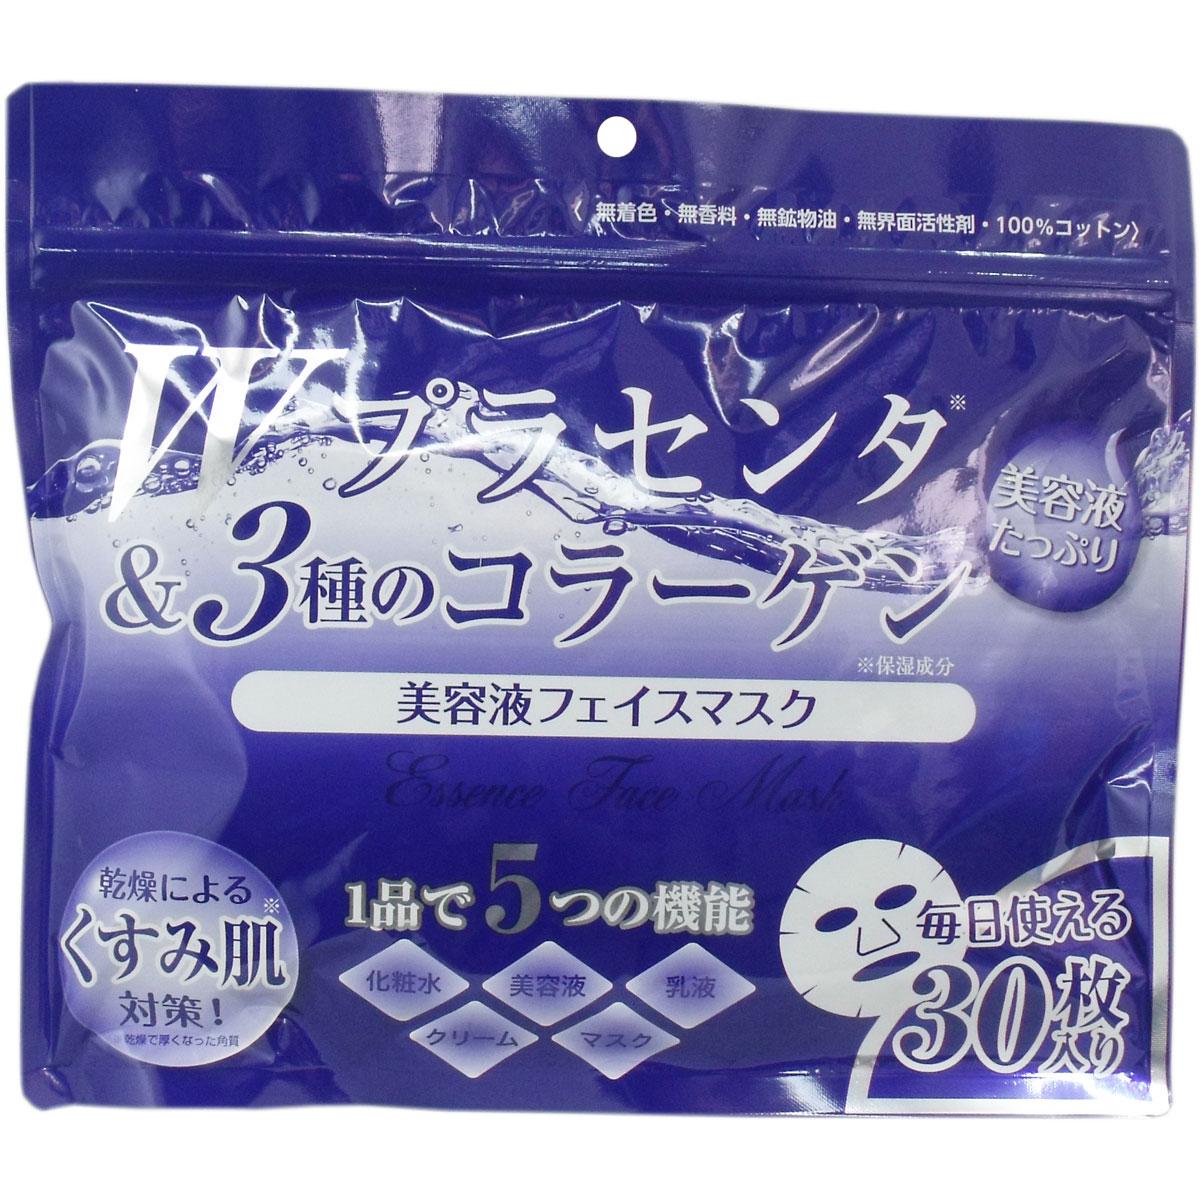 オールインワン 美容液フェイスマスク Wプラセンタ&3種のコラーゲン 30枚入